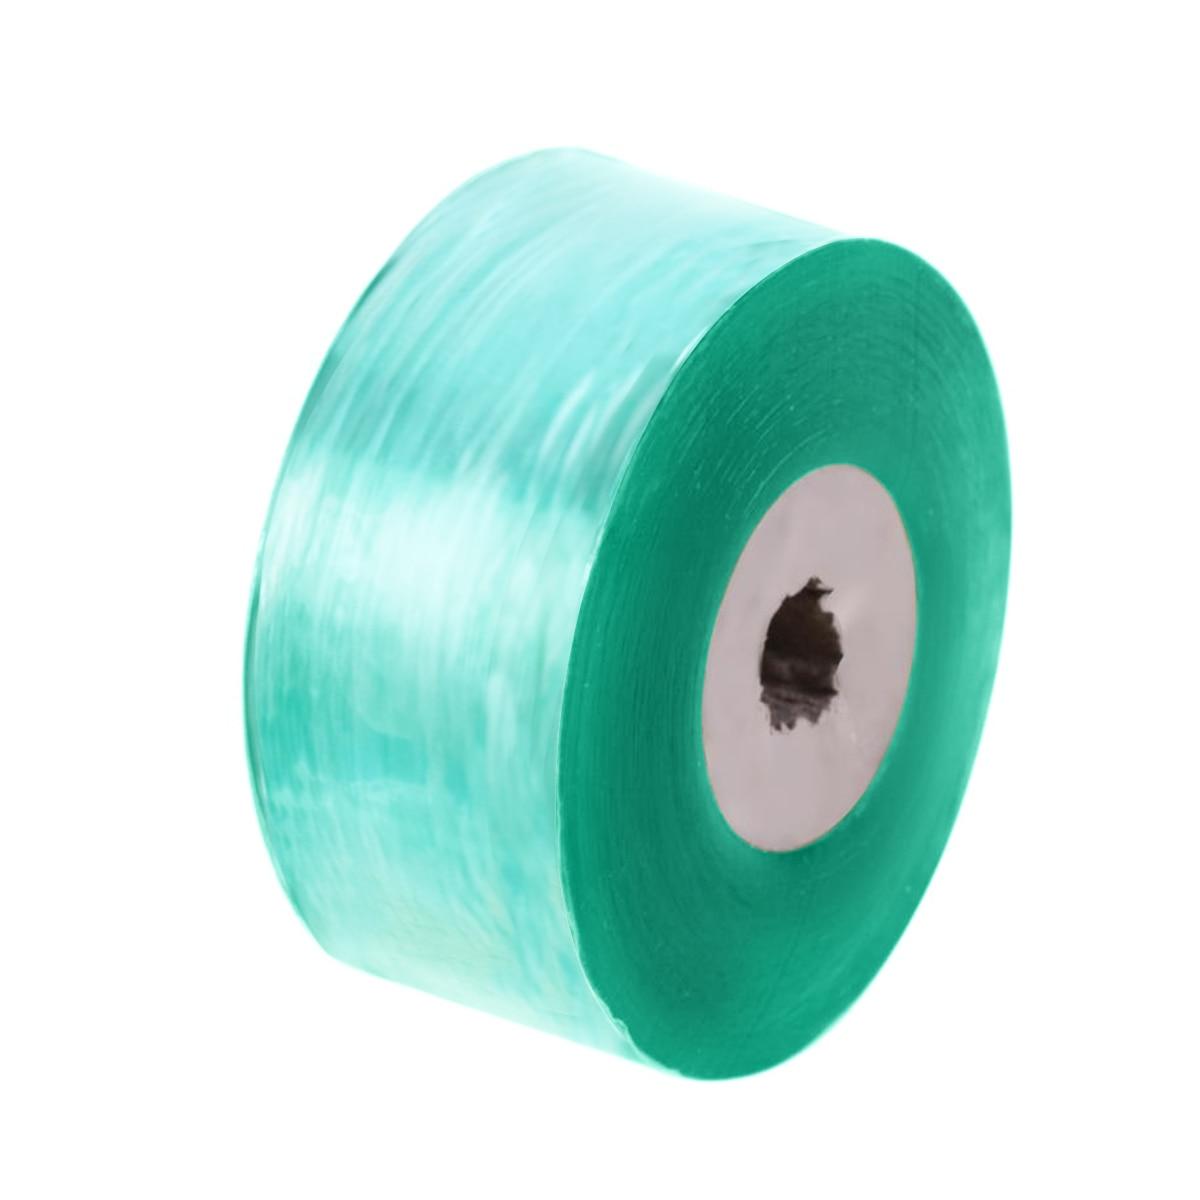 Cinta de 2cm, cinta extensible para guardería, cinta para jardinería de árboles frutales, herramienta de inserción, cinta de unión para jardín, herramienta de inserción, membrana de jardín